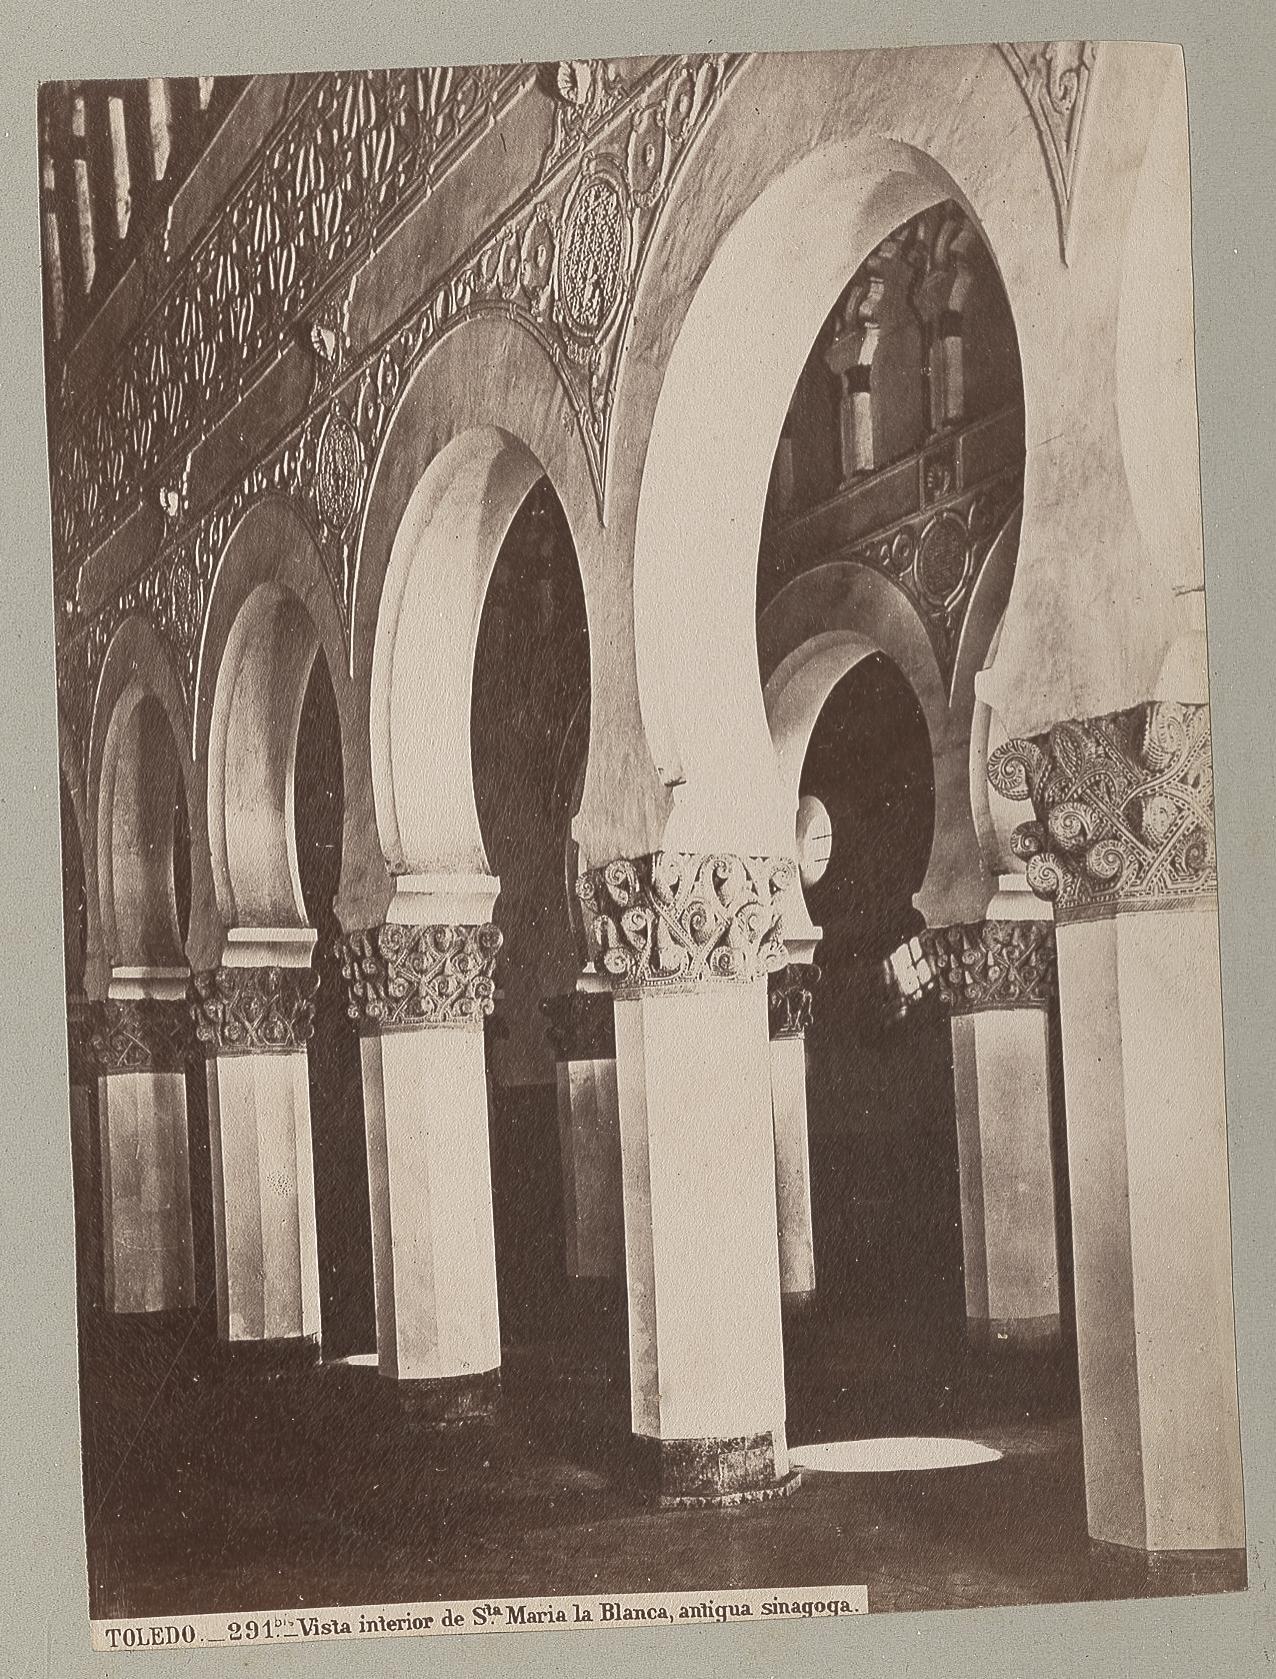 Sinagoga de Santa María la Blanca por Jean Laurent hacia 1870 © Archives départementales de l'Aude